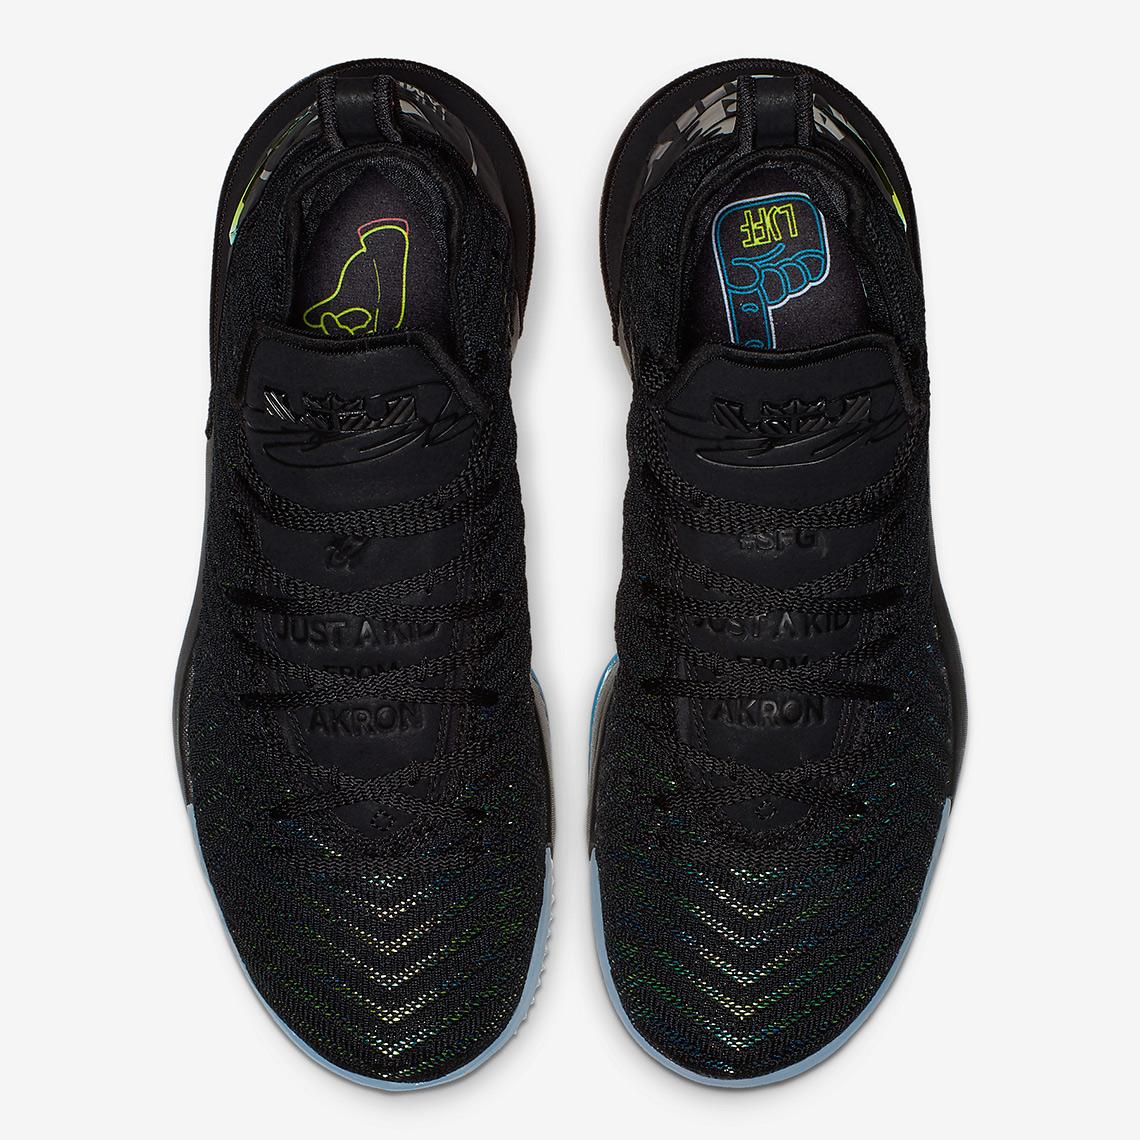 7d4fa017fcc9 Nike LeBron 16 I Promise AO2595-004 Release Info